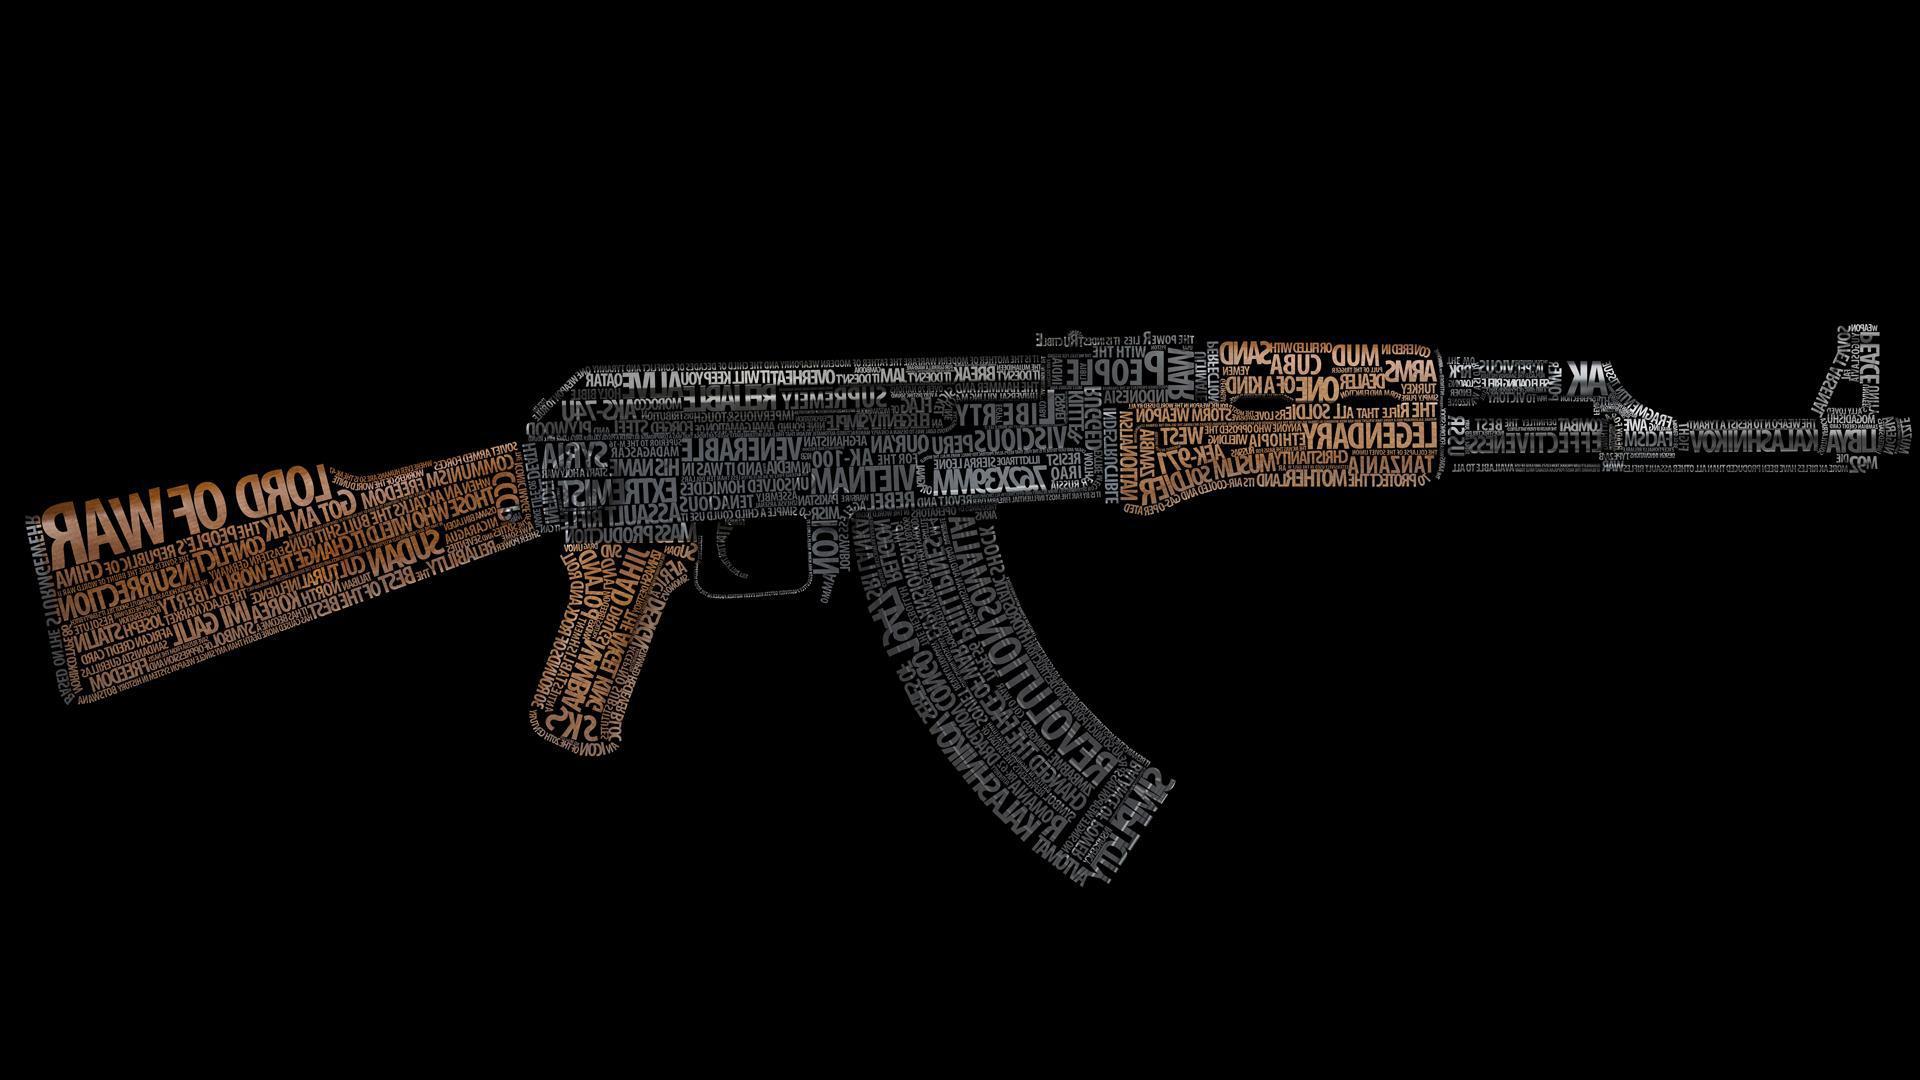 AK 47 Background